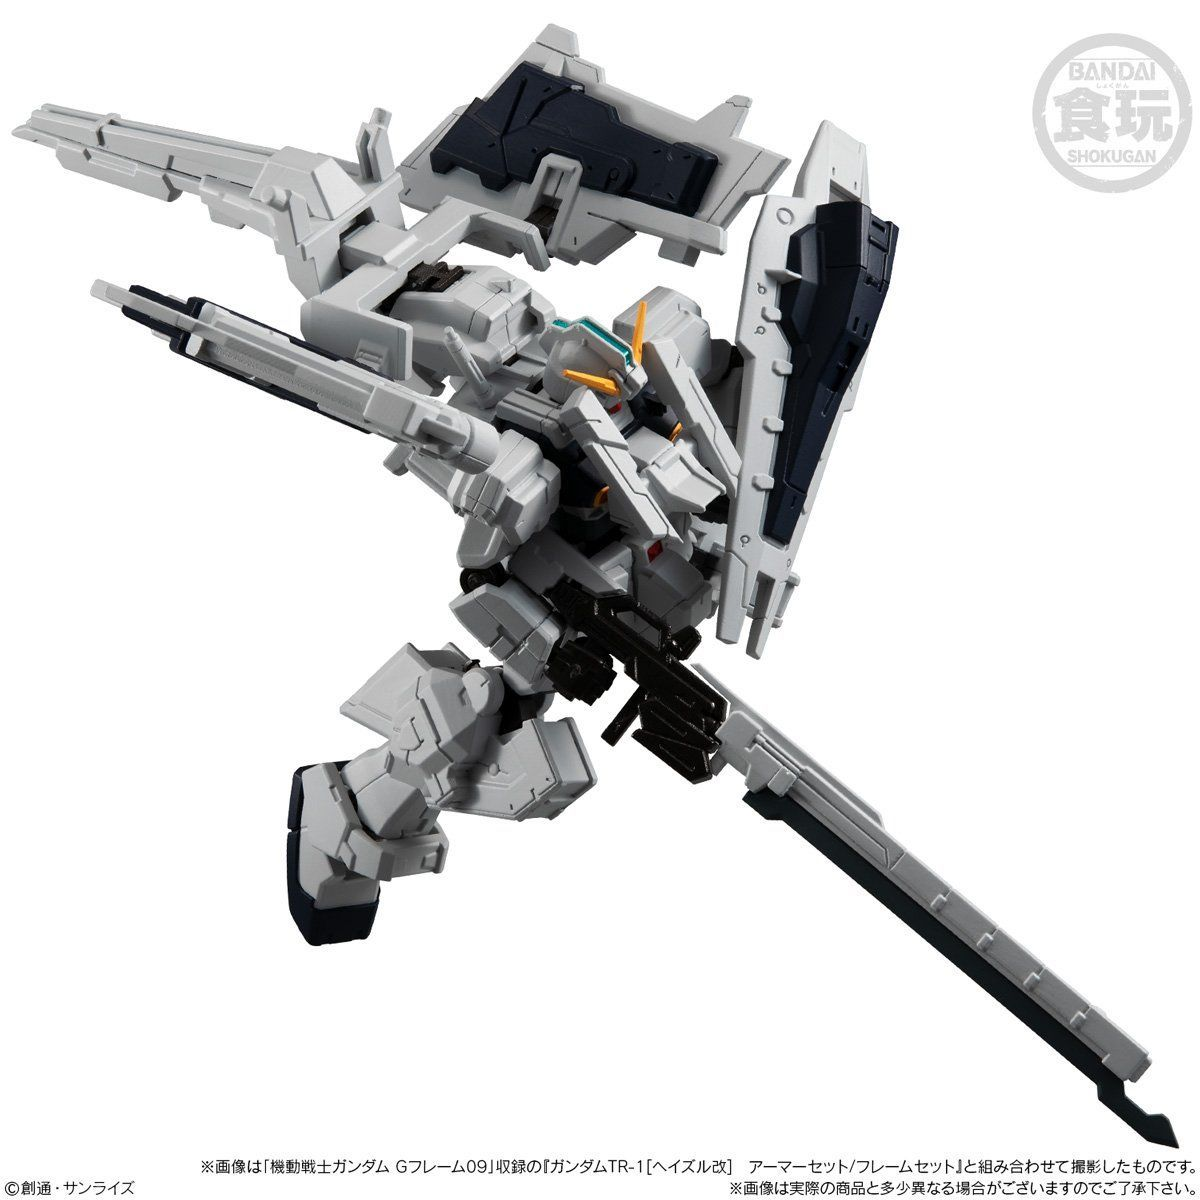 【限定販売】【食玩】Gフレーム『ガンダムTR-1[ヘイズル改]オプションパーツセット』可動フィギュア-002